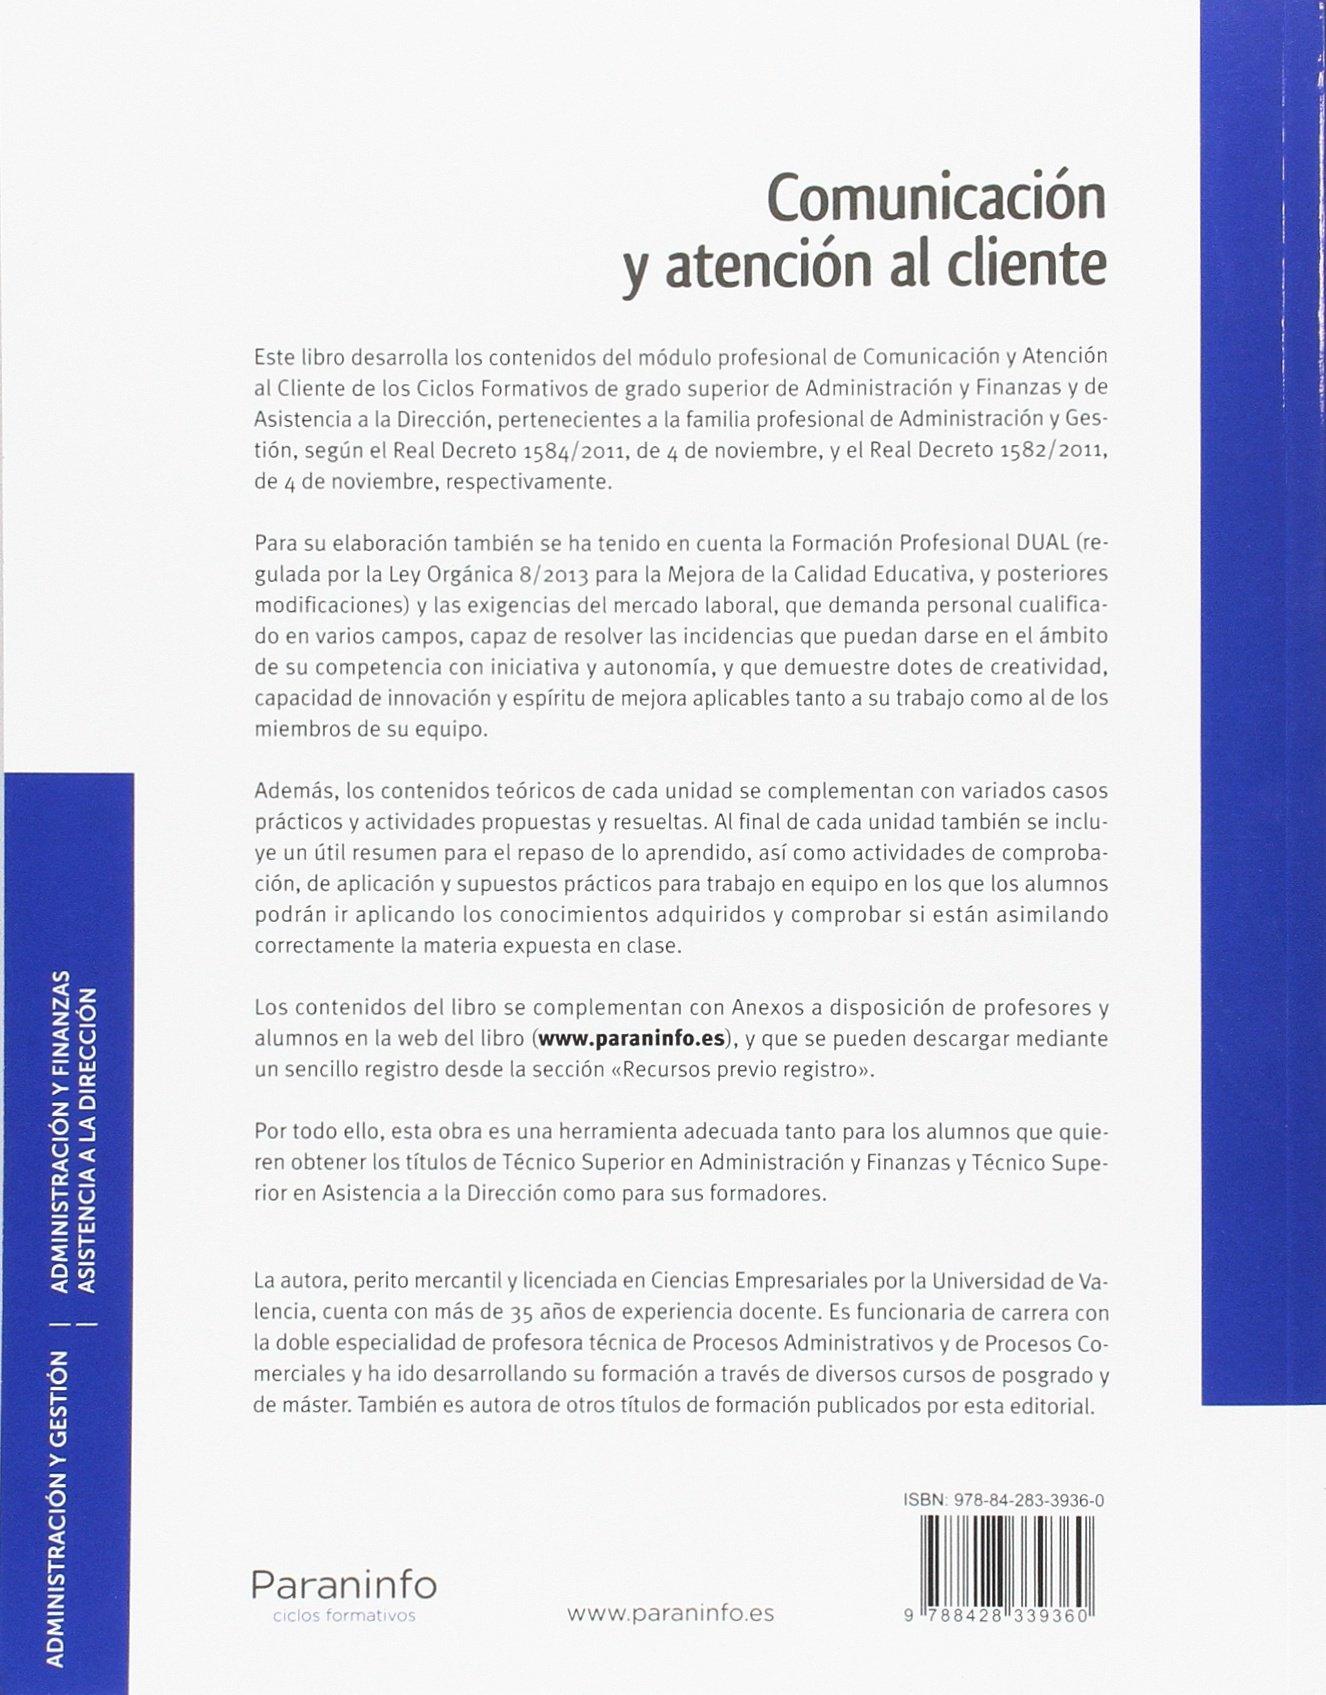 Dorable Resume La Sección De Experiencia Friso - Colección De ...